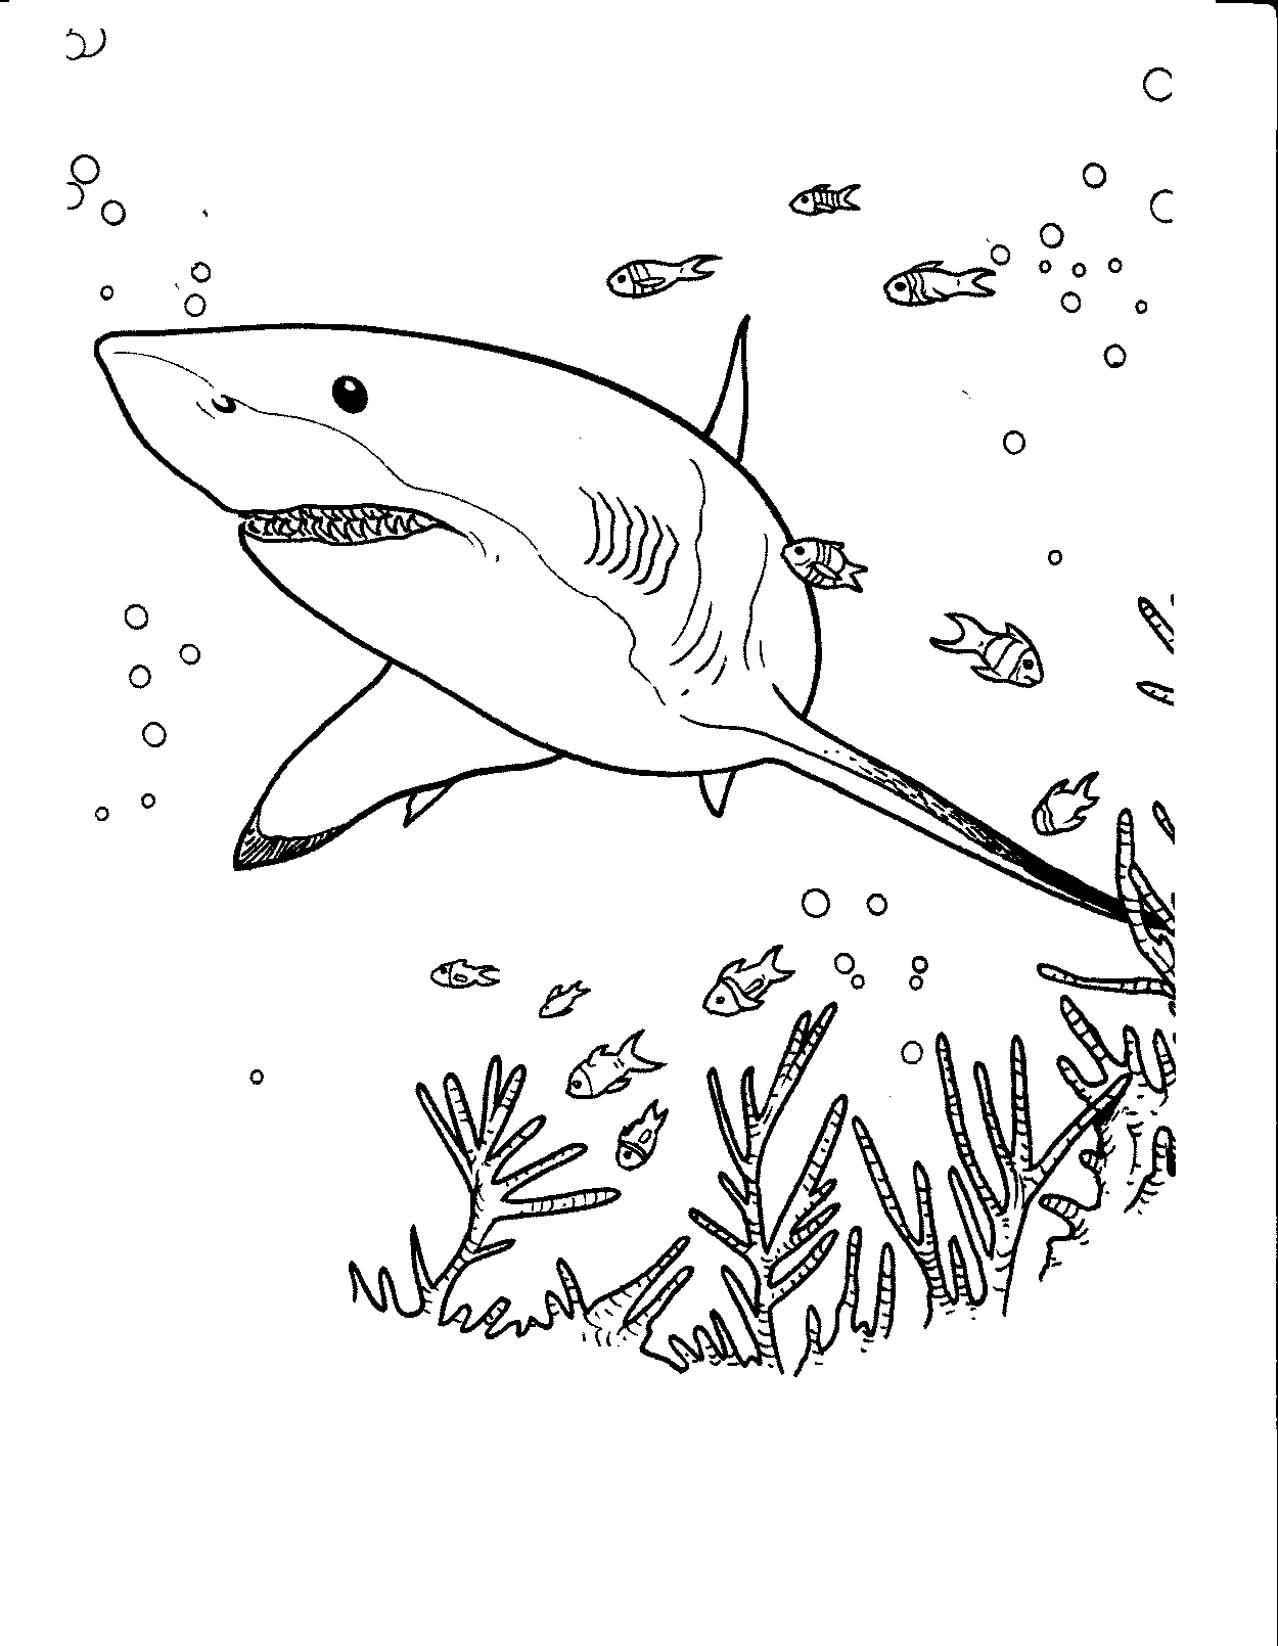 Requin #68 (Animaux) – Coloriages À Imprimer destiné Coloriage Requin À Imprimer